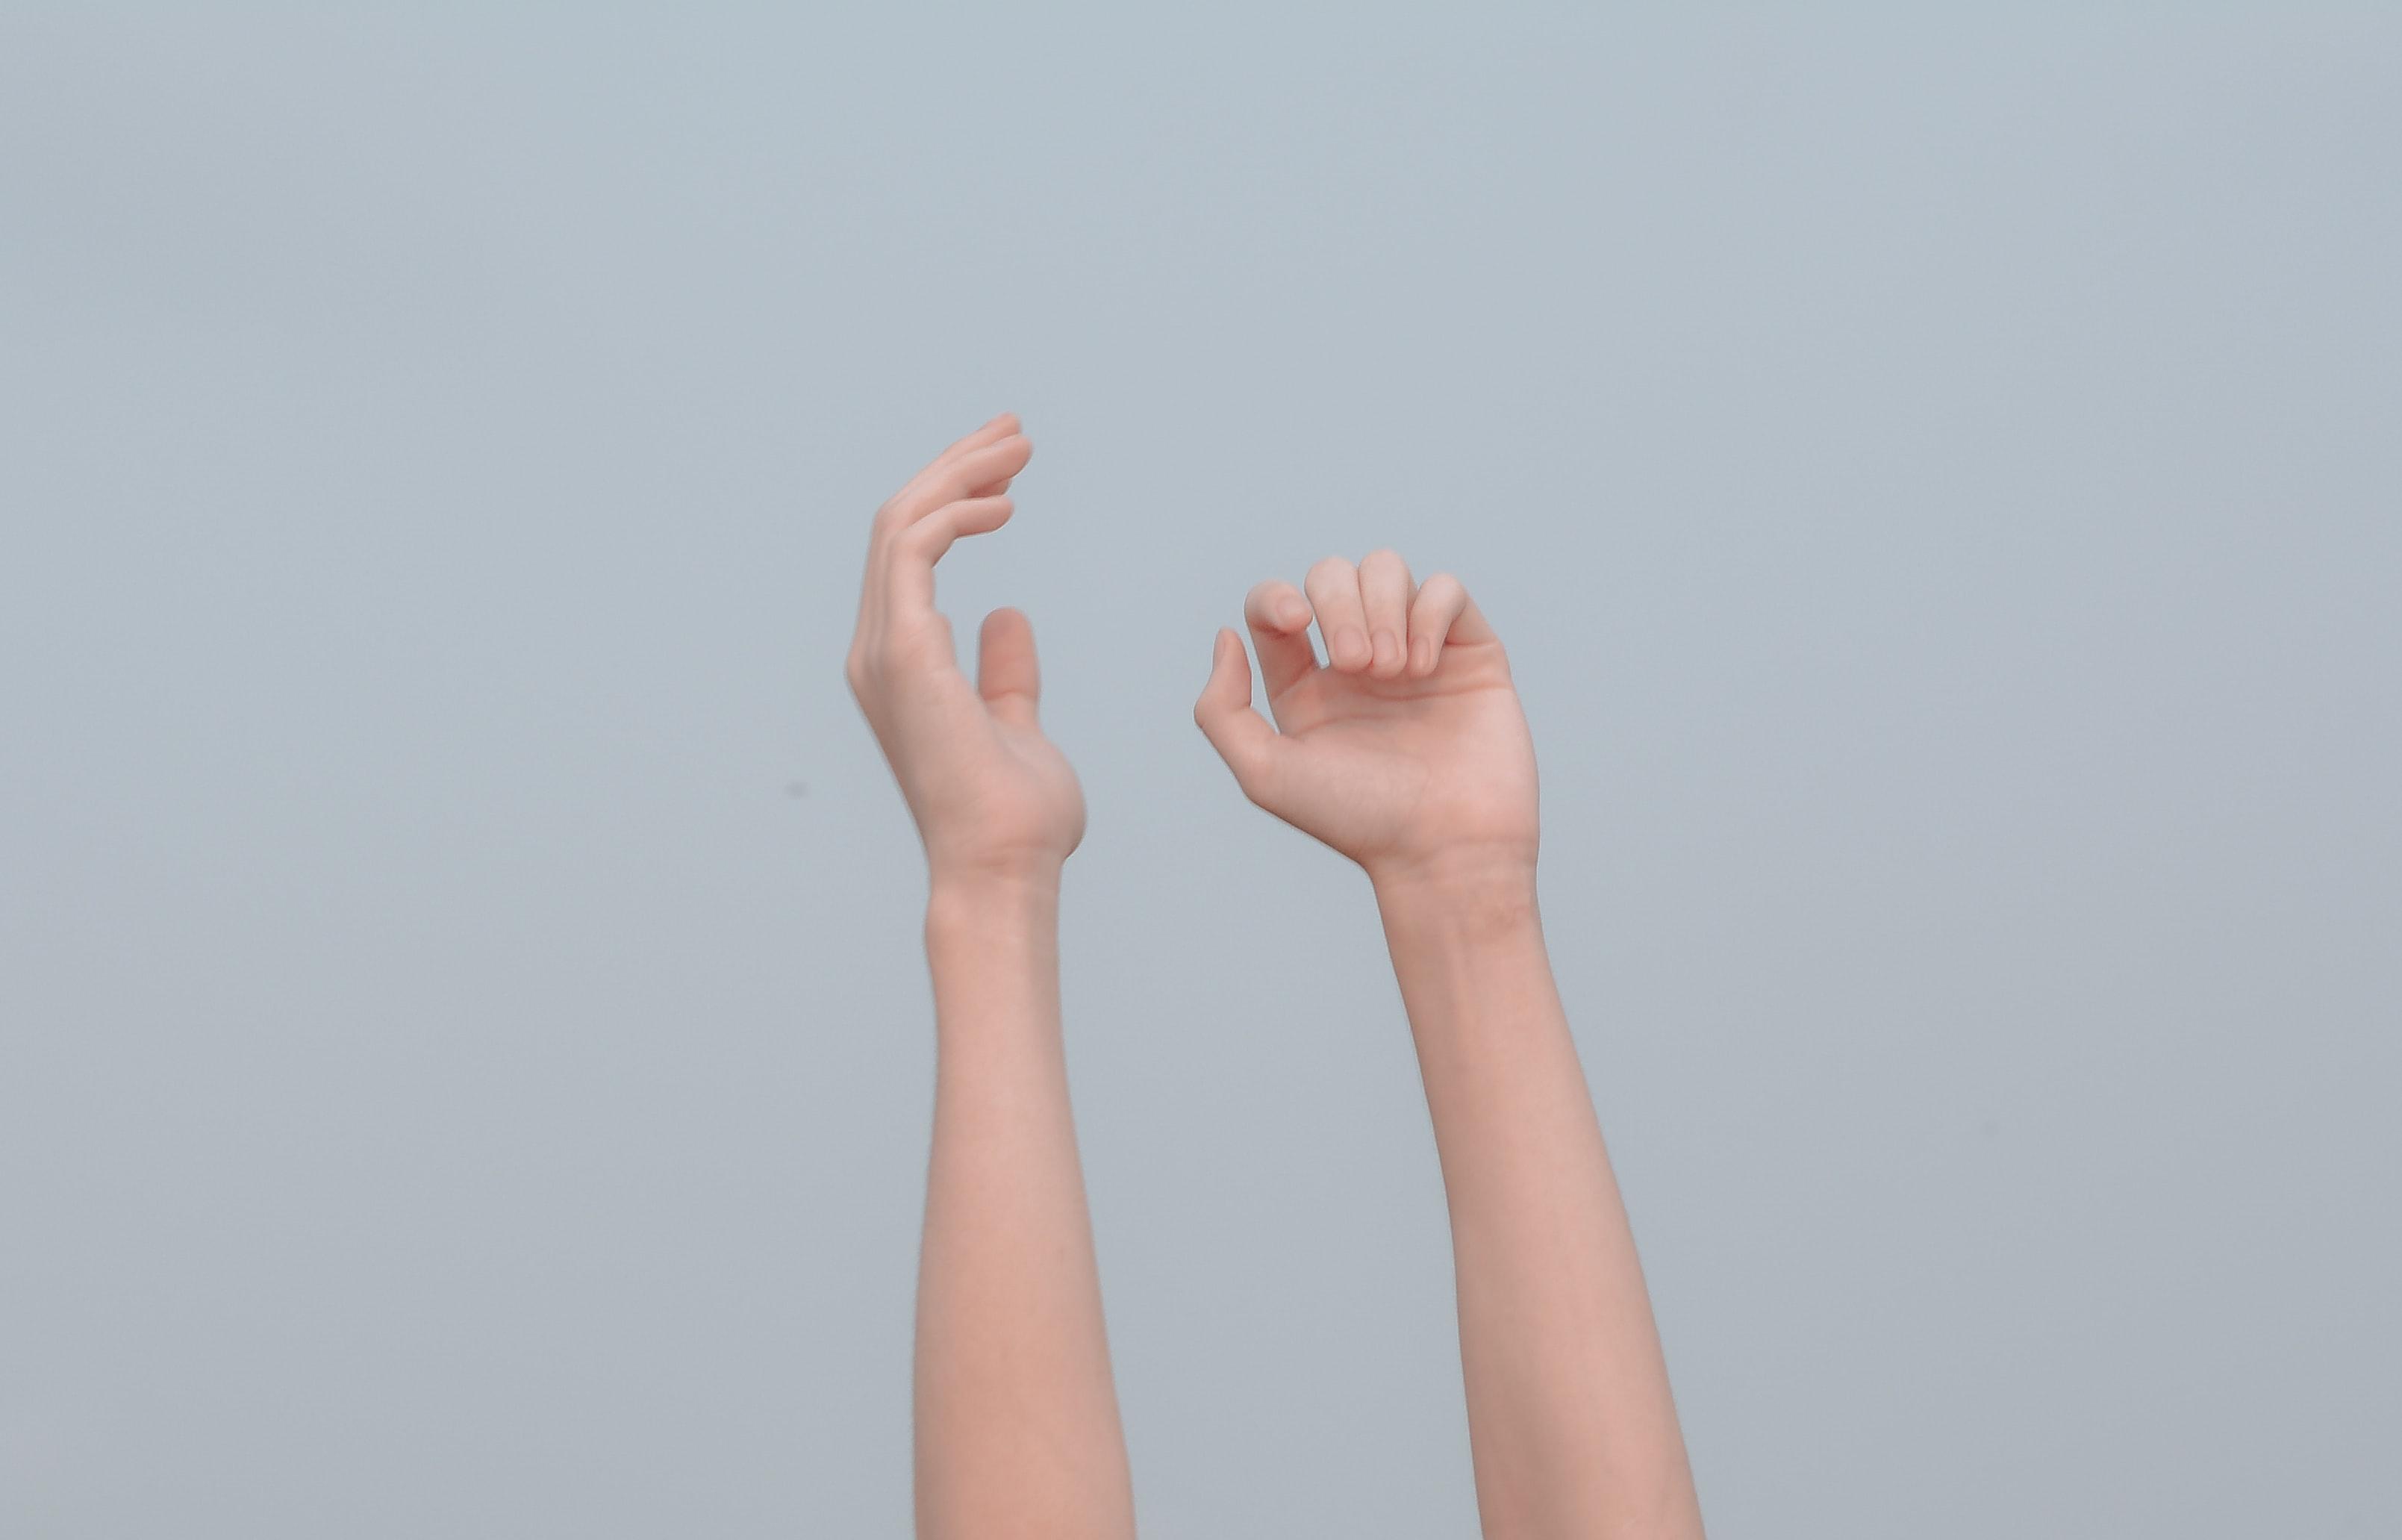 手相占いの中指について徹底解説手相の中指の見方のポイントをまとめました